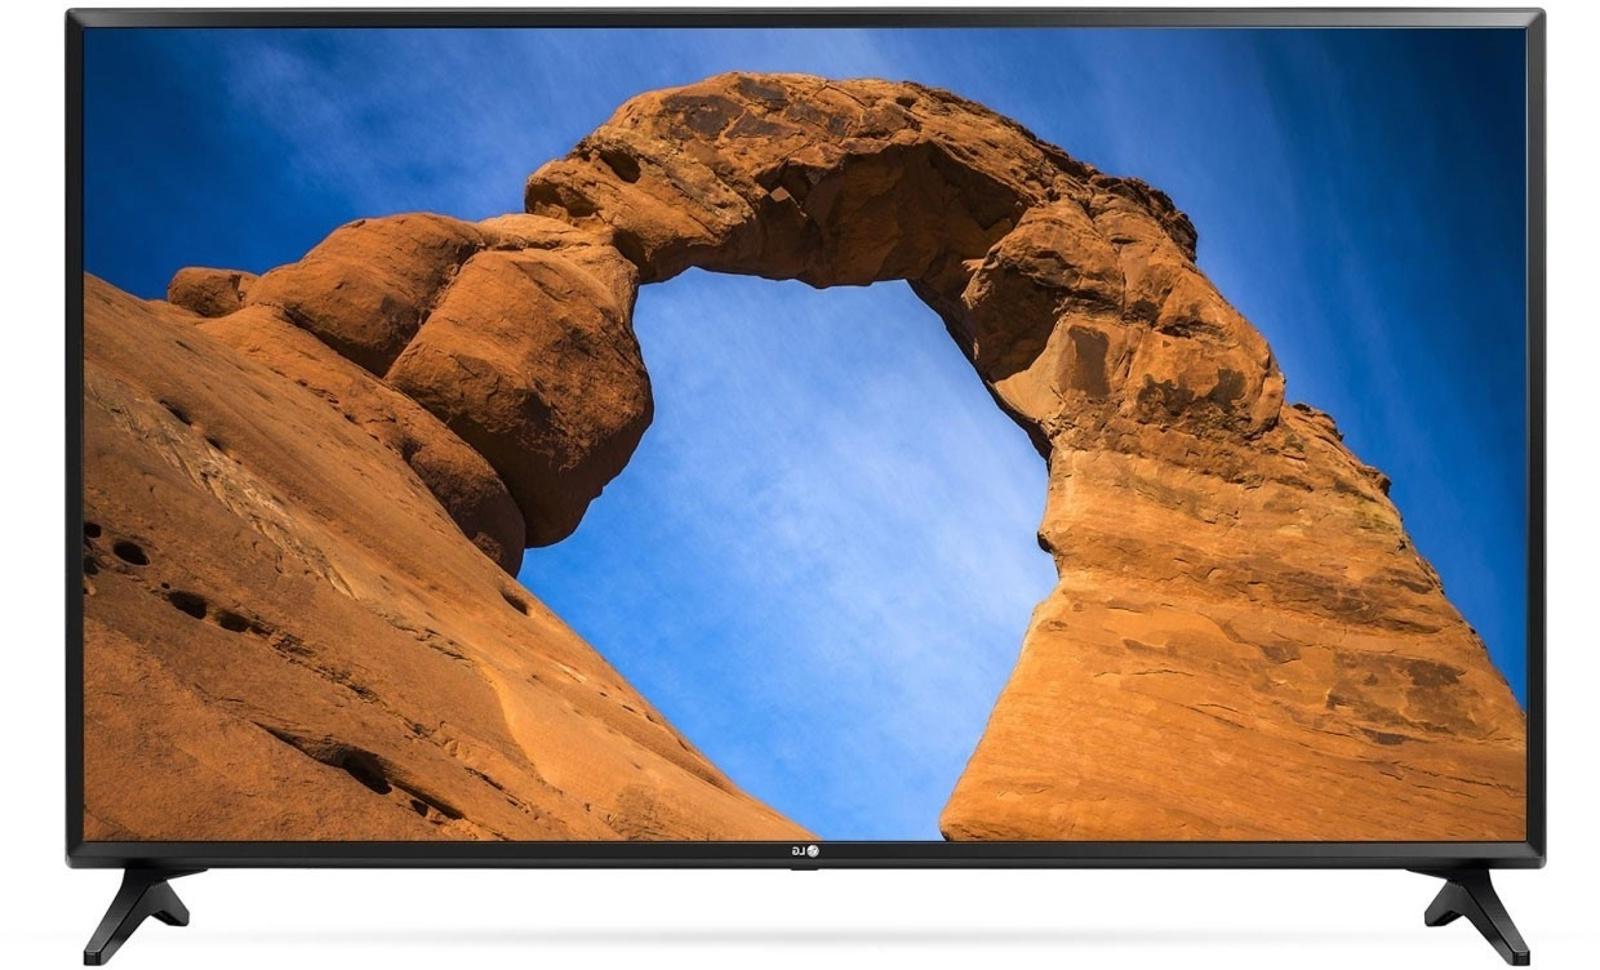 """Lg 49lk5900 49"""" 123 Ekran Uydu Alıcılı Full Hd Smart Led Tv Intended For Kai 63 Inch Tv Stands (View 11 of 20)"""